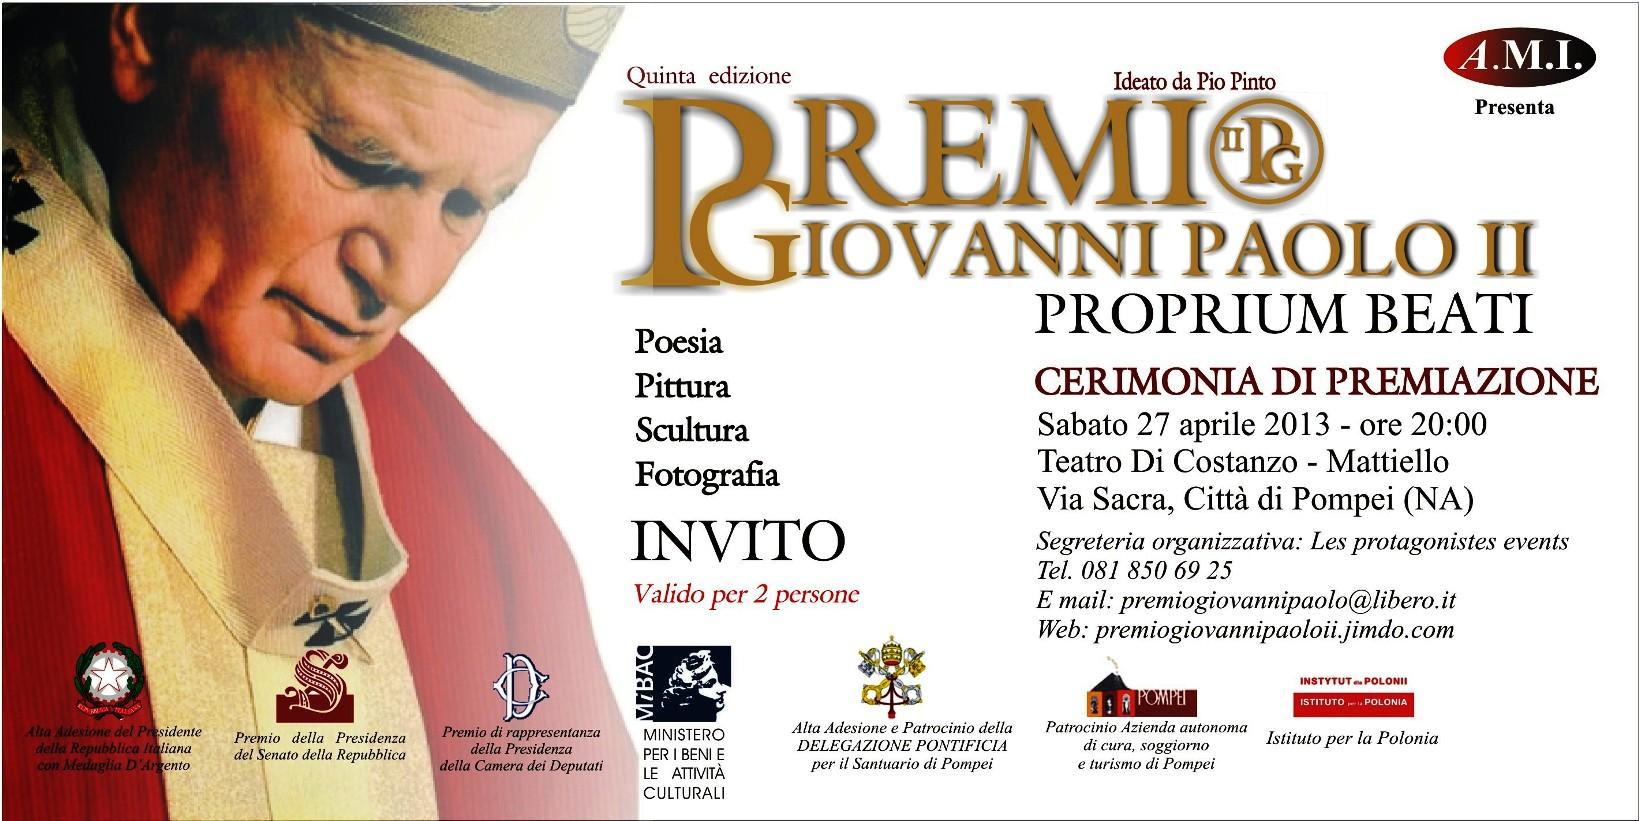 Premio-Giovanni-Paolo-